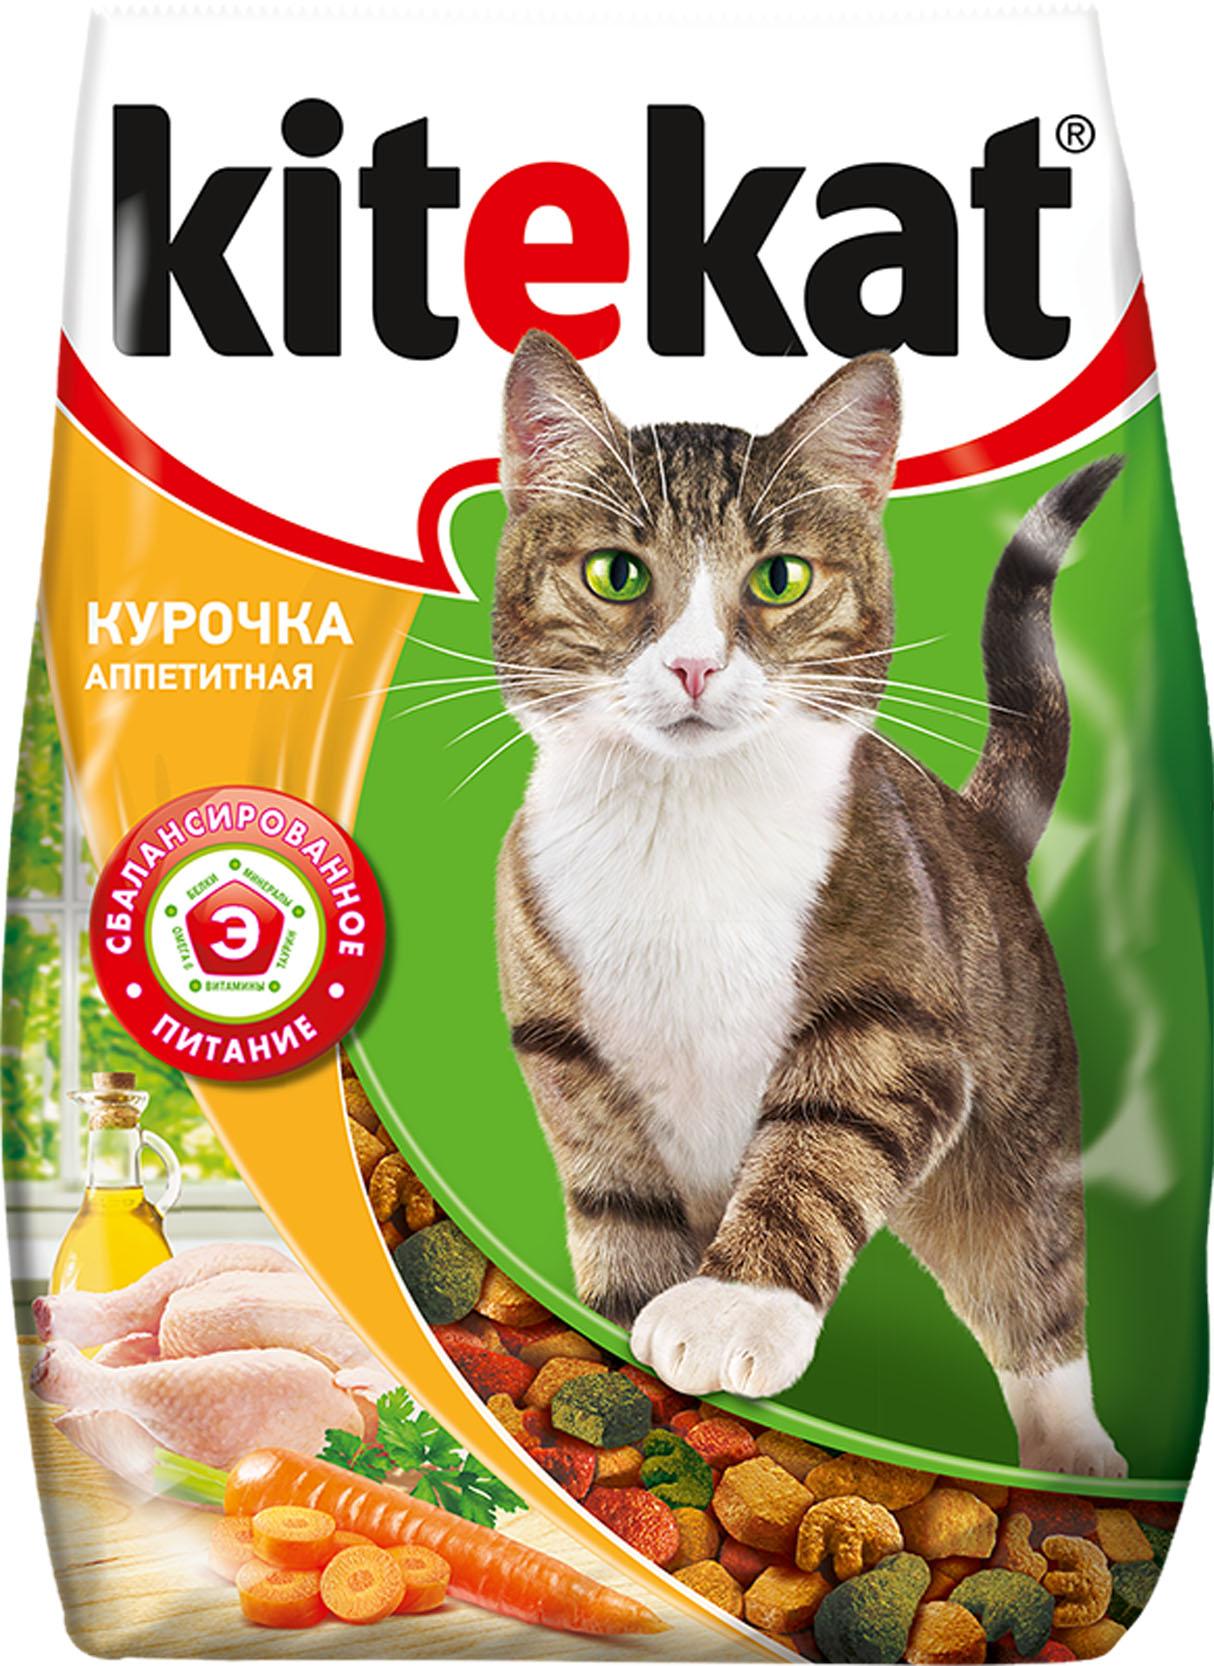 Корм сухой для кошек Kitekat, курочка аппетитная, 350 г40423Сухой корм Kitekat - это специально разработанная еда для кошек с оптимально сбалансированным содержанием белков, витаминов и микроэлементов. Уникальная формула Kitekat включает в себя все необходимые для здоровья компоненты: - белки - для поддержания мышечного тонуса, силы и энергии; - жирные кислоты - для здоровой кожи и блестящей шерсти; - кальций, фосфор, витамин D - для крепости костей и зубов; - таурин - для остроты зрения и стабильной работы сердца; - витамины и минералы, натуральные волокна - для хорошего пищеварения, правильного обмена веществ, укрепления здоровья. Состав: злаки, мясо и субпродукты, белковые растительные экстракты, жир животный, свекольный жом, растительное масло, овощи, минеральные вещества, витамины, таурин, метионин. Пищевая ценность: белки-28 г; жиры-10 г; зола-9 г: клетчатка-не более 5 г; влажность-не более 10 г; кальций -1,5 г; фосфор - 0,9 г; витамин А - 1200 ME; витамин D - 120 ME; витамин Е - 7 мг; а также витамин В2, витамин В12, пантотеновая кислота, биотин, витамин В1, витамин В6.Товар сертифицирован.